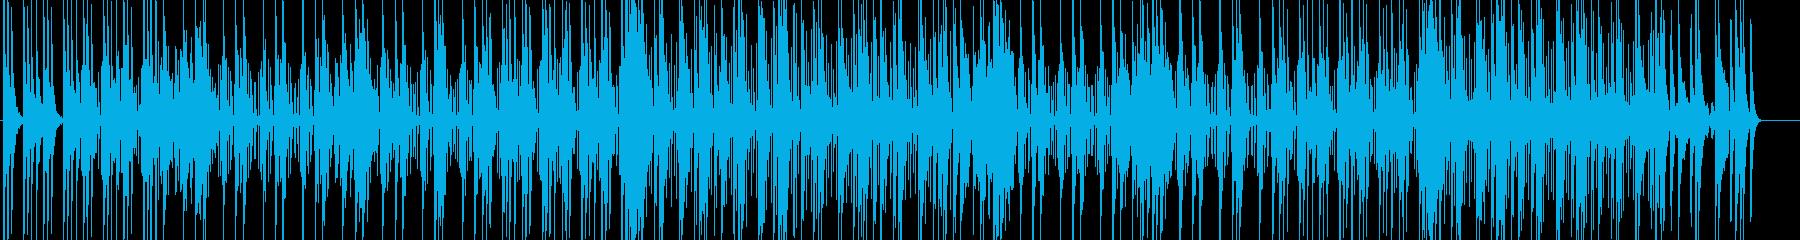 夜空を眺めるグランピング-エレクトロニカの再生済みの波形